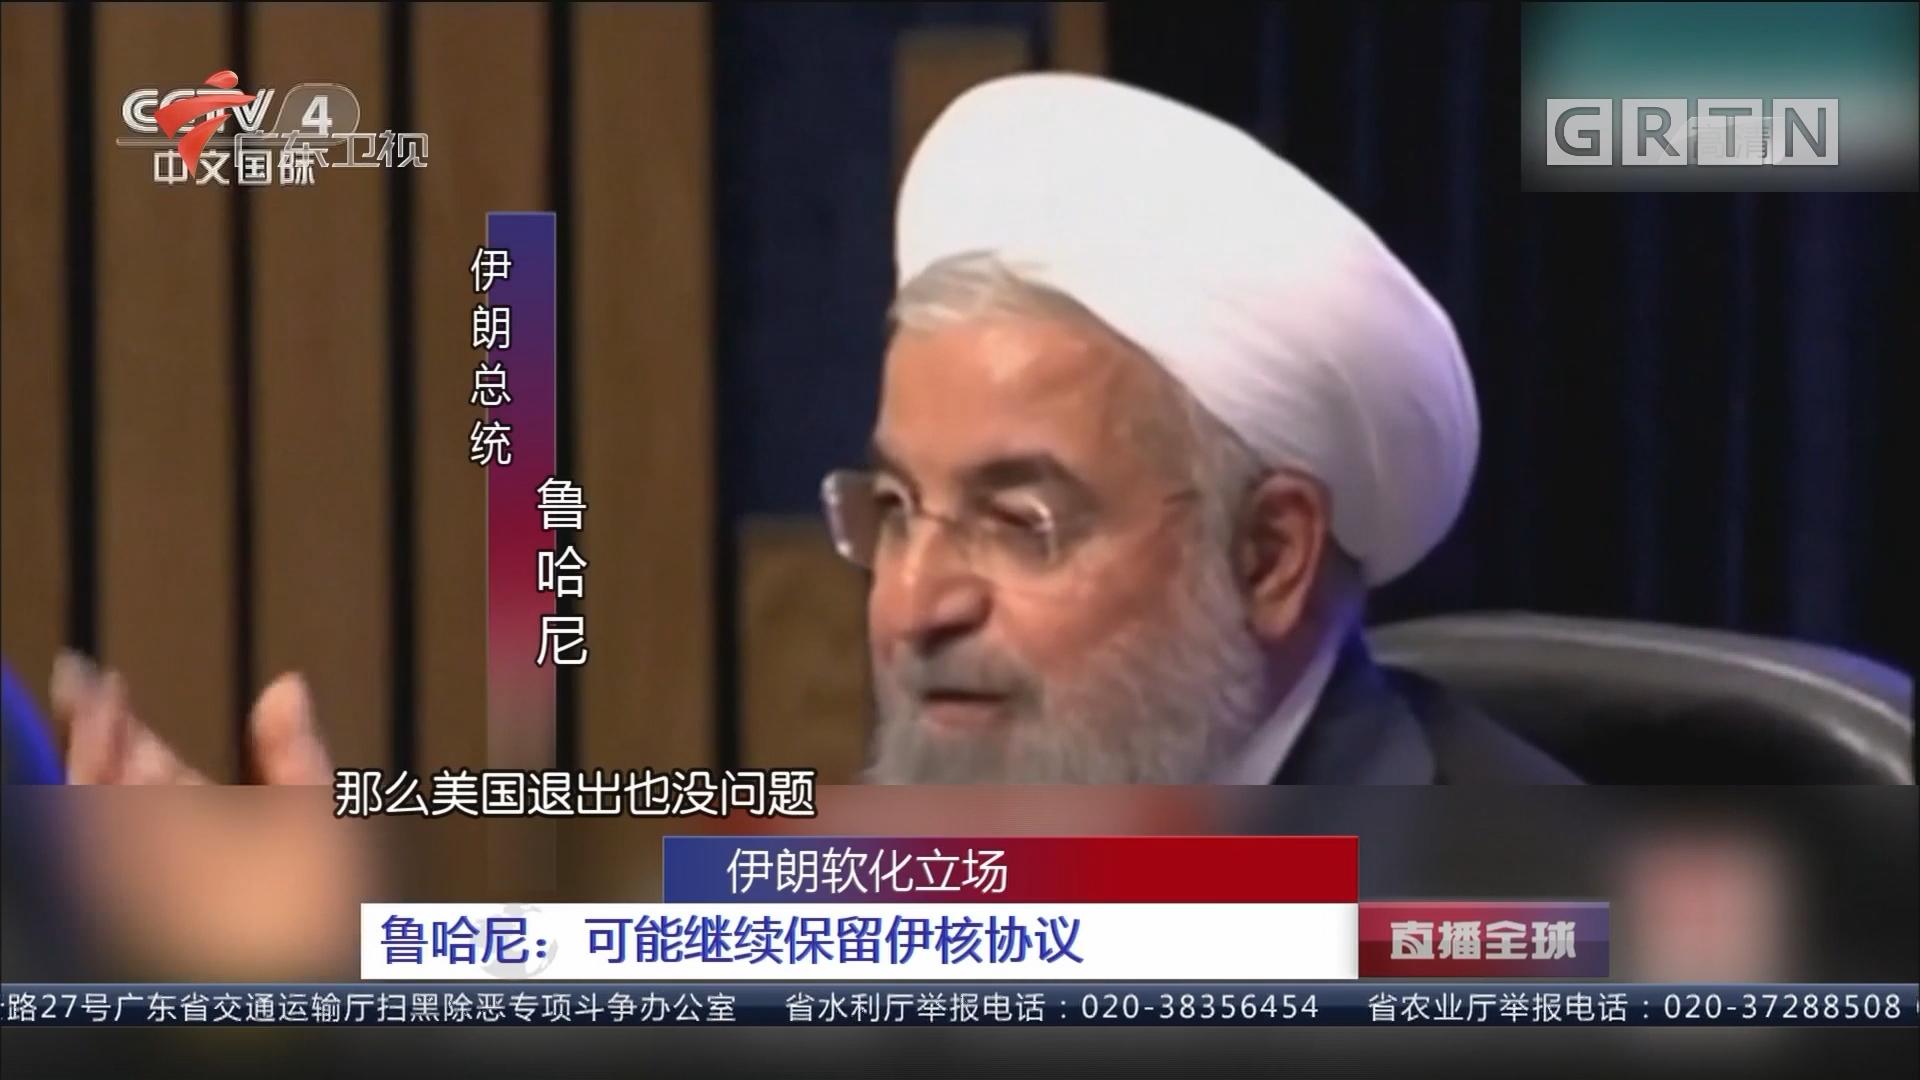 伊朗软化立场 鲁哈尼:可能继续保留伊核协议